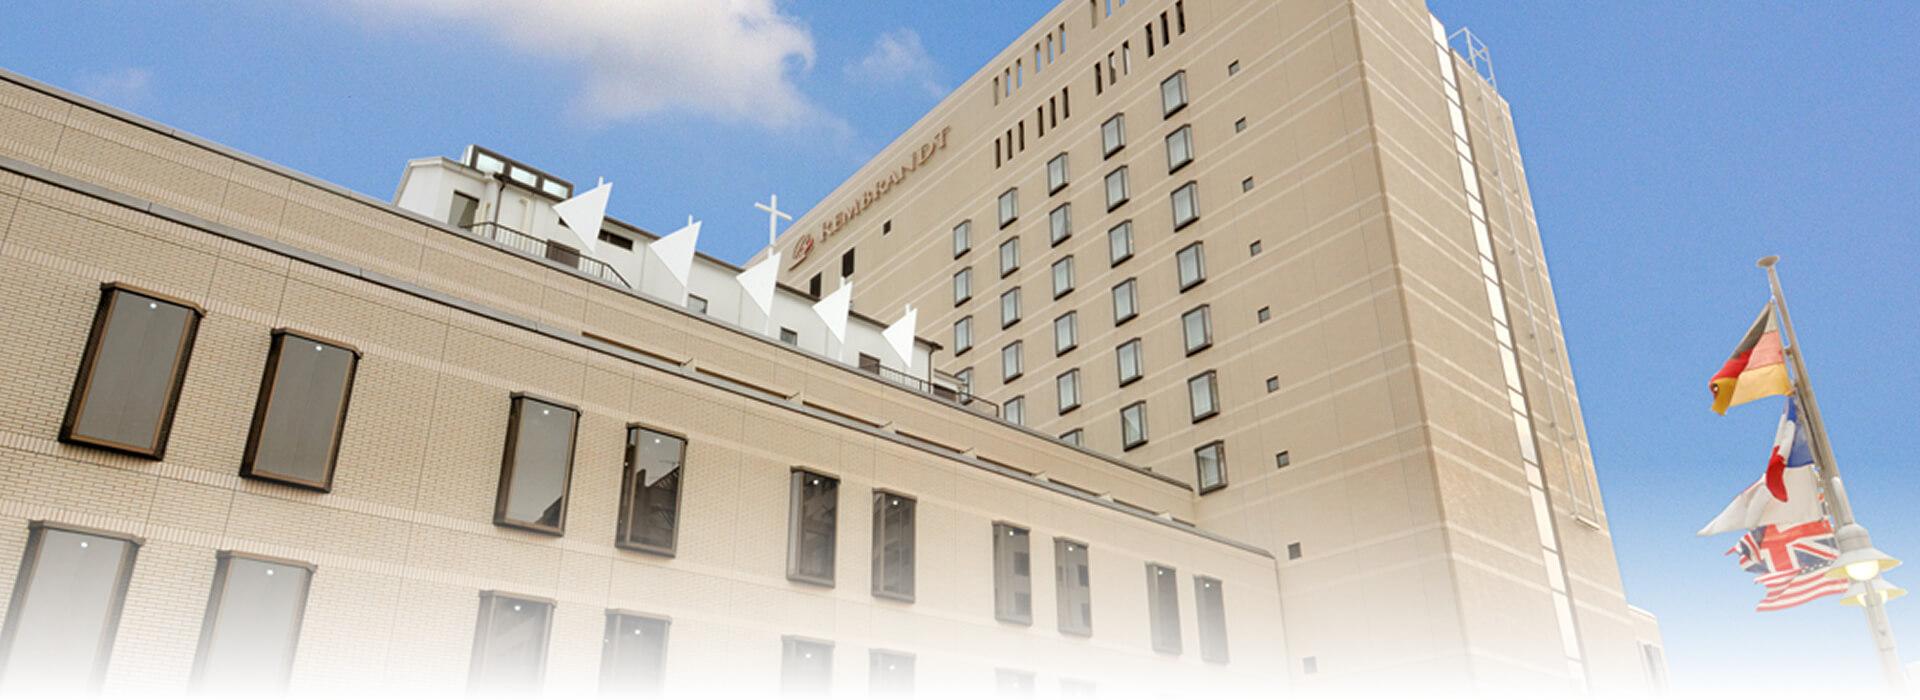 お問い合わせ|レンブラントホテル厚木【公式】レンブラントグループホテル